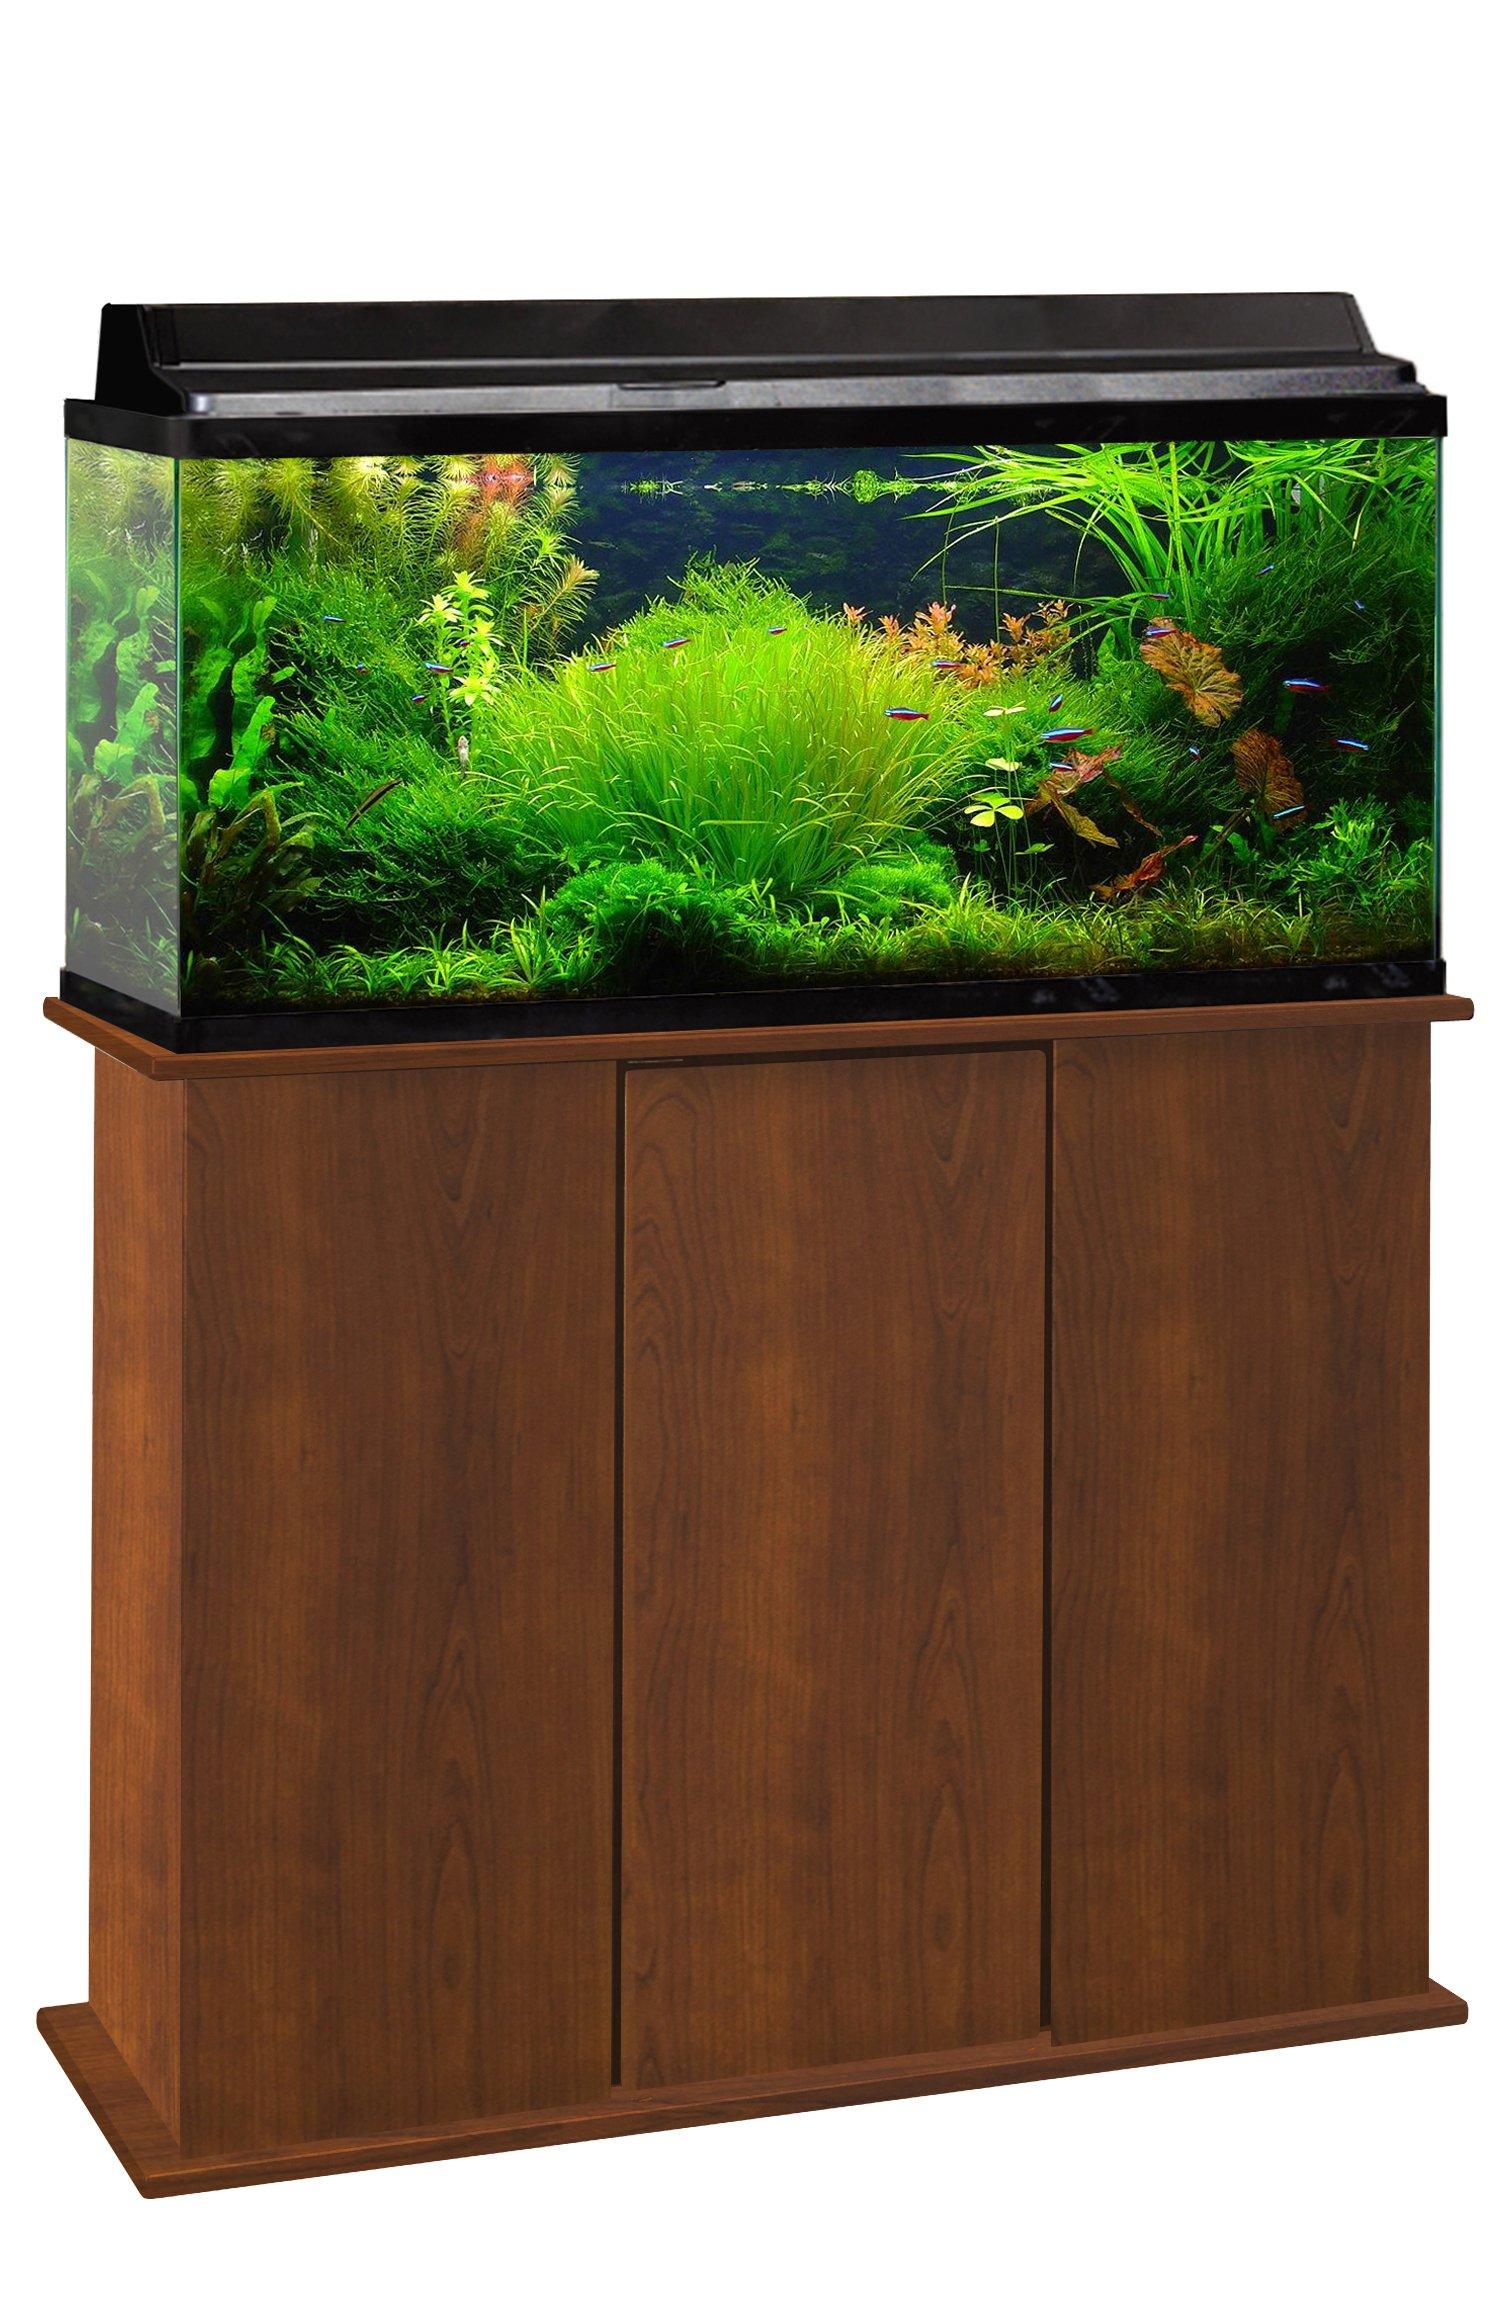 Aquatic Fundamentals 36301-68-AMZ 30/38/48 Gallon Upright Aquarium Stand, Serene Cherry